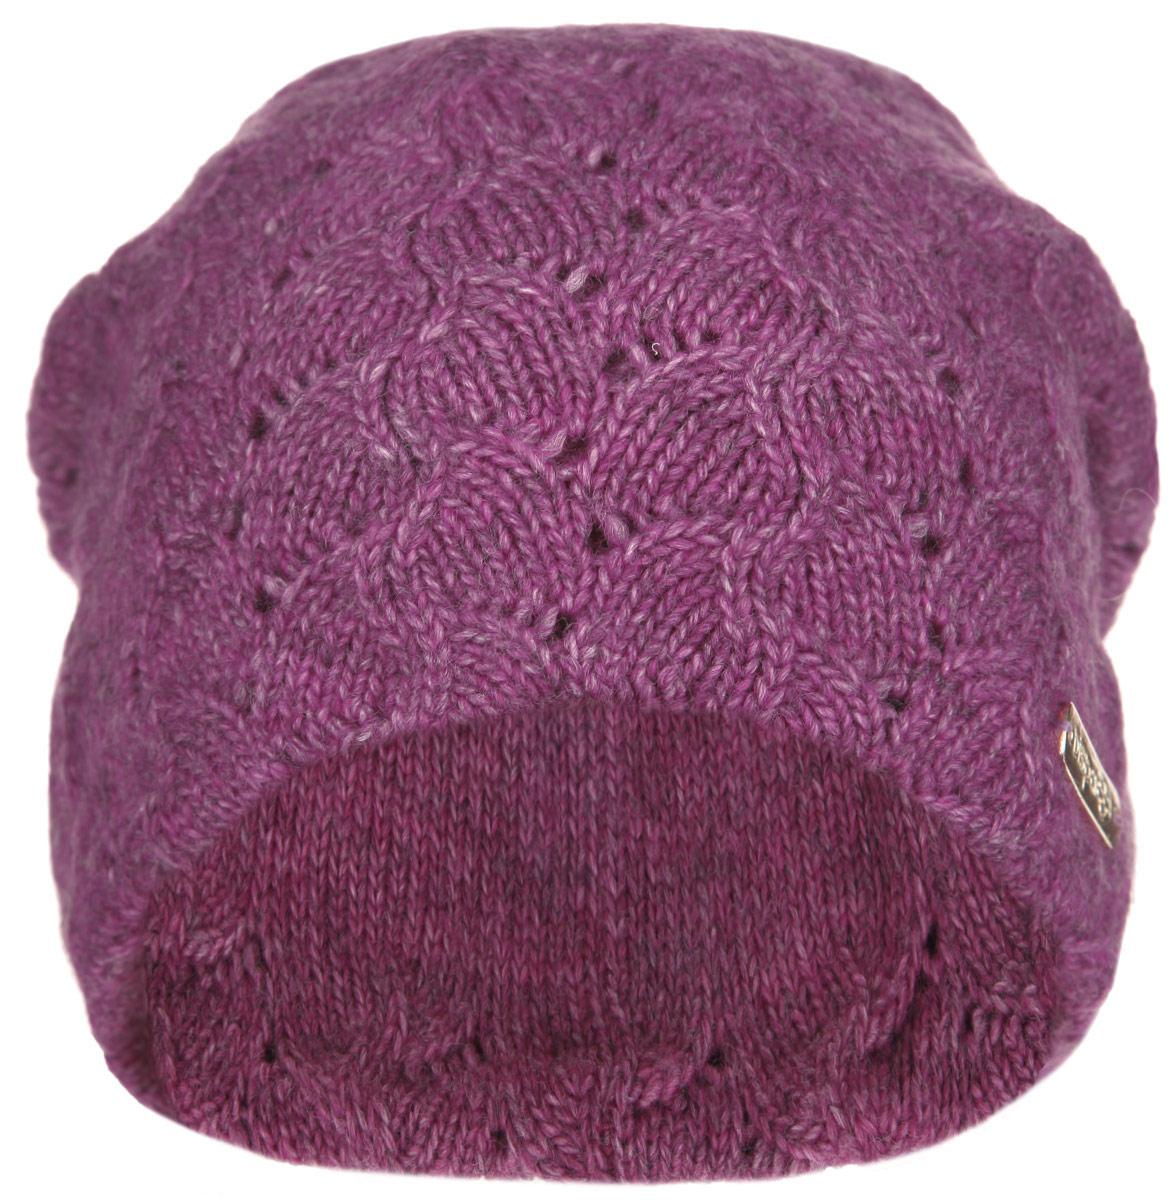 Шапка женская Джулия. 21025A21025AВязаная женская шапка Dispacci Джулия отлично подойдет для вас в холодную погоду. Изготовленная из высококачественной итальянской пряжи с содержанием шерсти, она мягкая и приятная на ощупь, обладает хорошими дышащими свойствами и максимально удерживает тепло. Удлиненная модель шапки идеально подходит для любого типа лица и никогда не выходит из моды. Изделие оформлено вязаным рисунком. Декорирована шапка небольшой металлической пластиной с названием бренда. Шапка не только теплый головной убор, но и изящный аксессуар. Она подчеркнет ваш стиль и индивидуальность! Уважаемые клиенты! Размер, доступный для заказа, является обхватом головы.